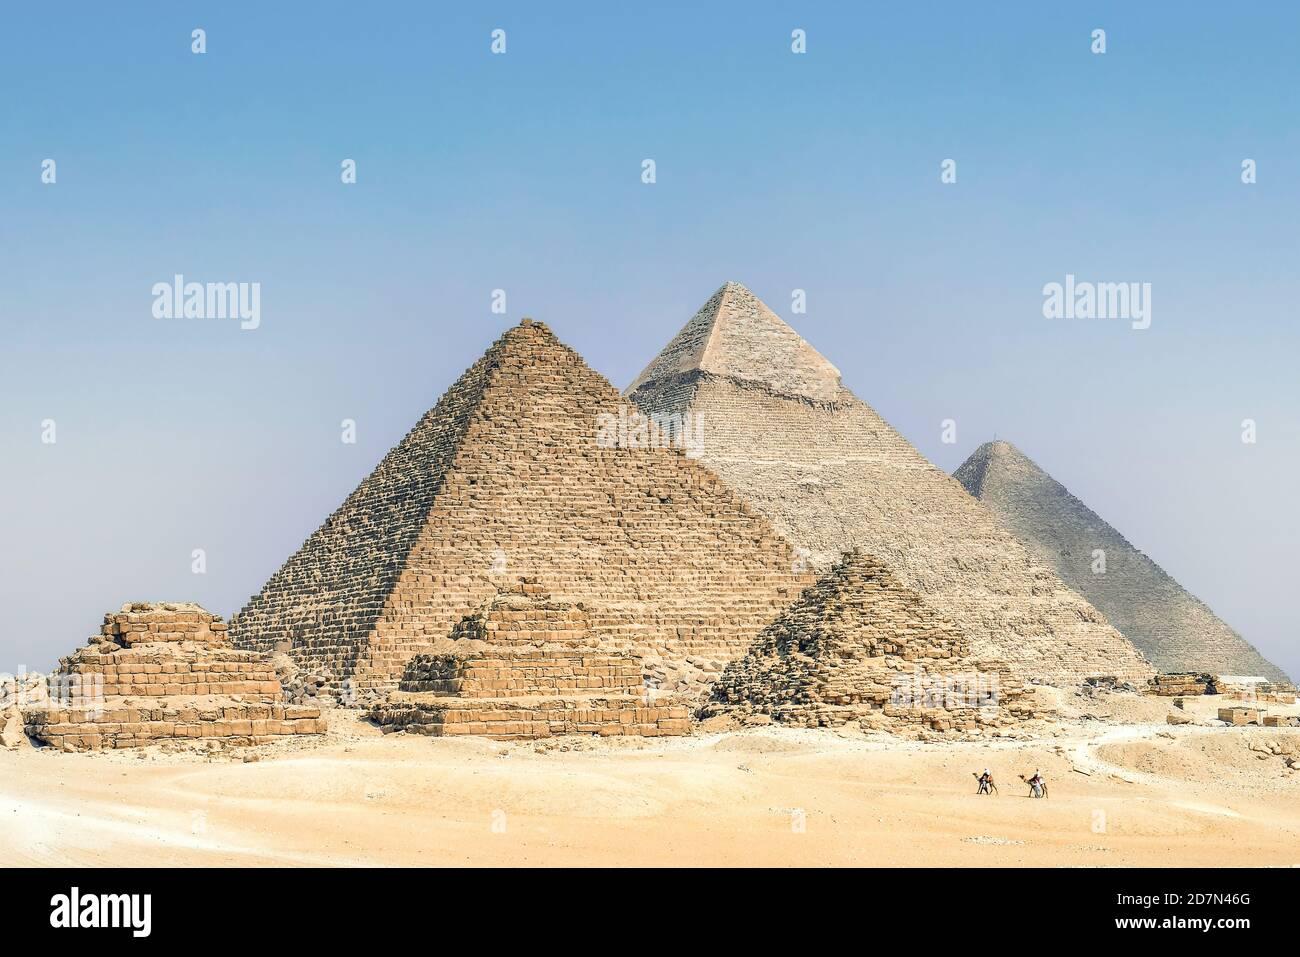 Las Pirámides de Khafre y Khufu, Necrópolis de Giza (Lista del Patrimonio Mundial de la Unesco, 1979), Egipto. Civilización egipcia, Imperio Antiguo, Dinastía IV Foto de stock